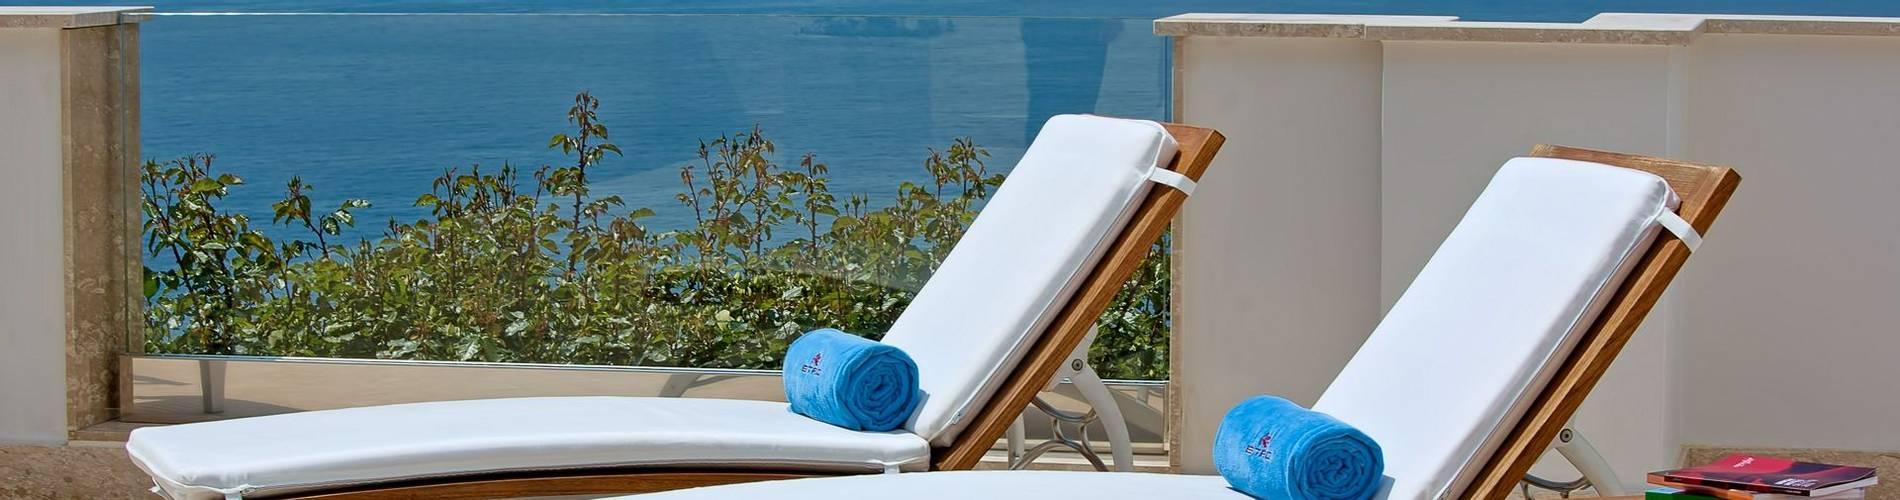 Casa Angelina, Amalfi Coast, Italy (56).jpg